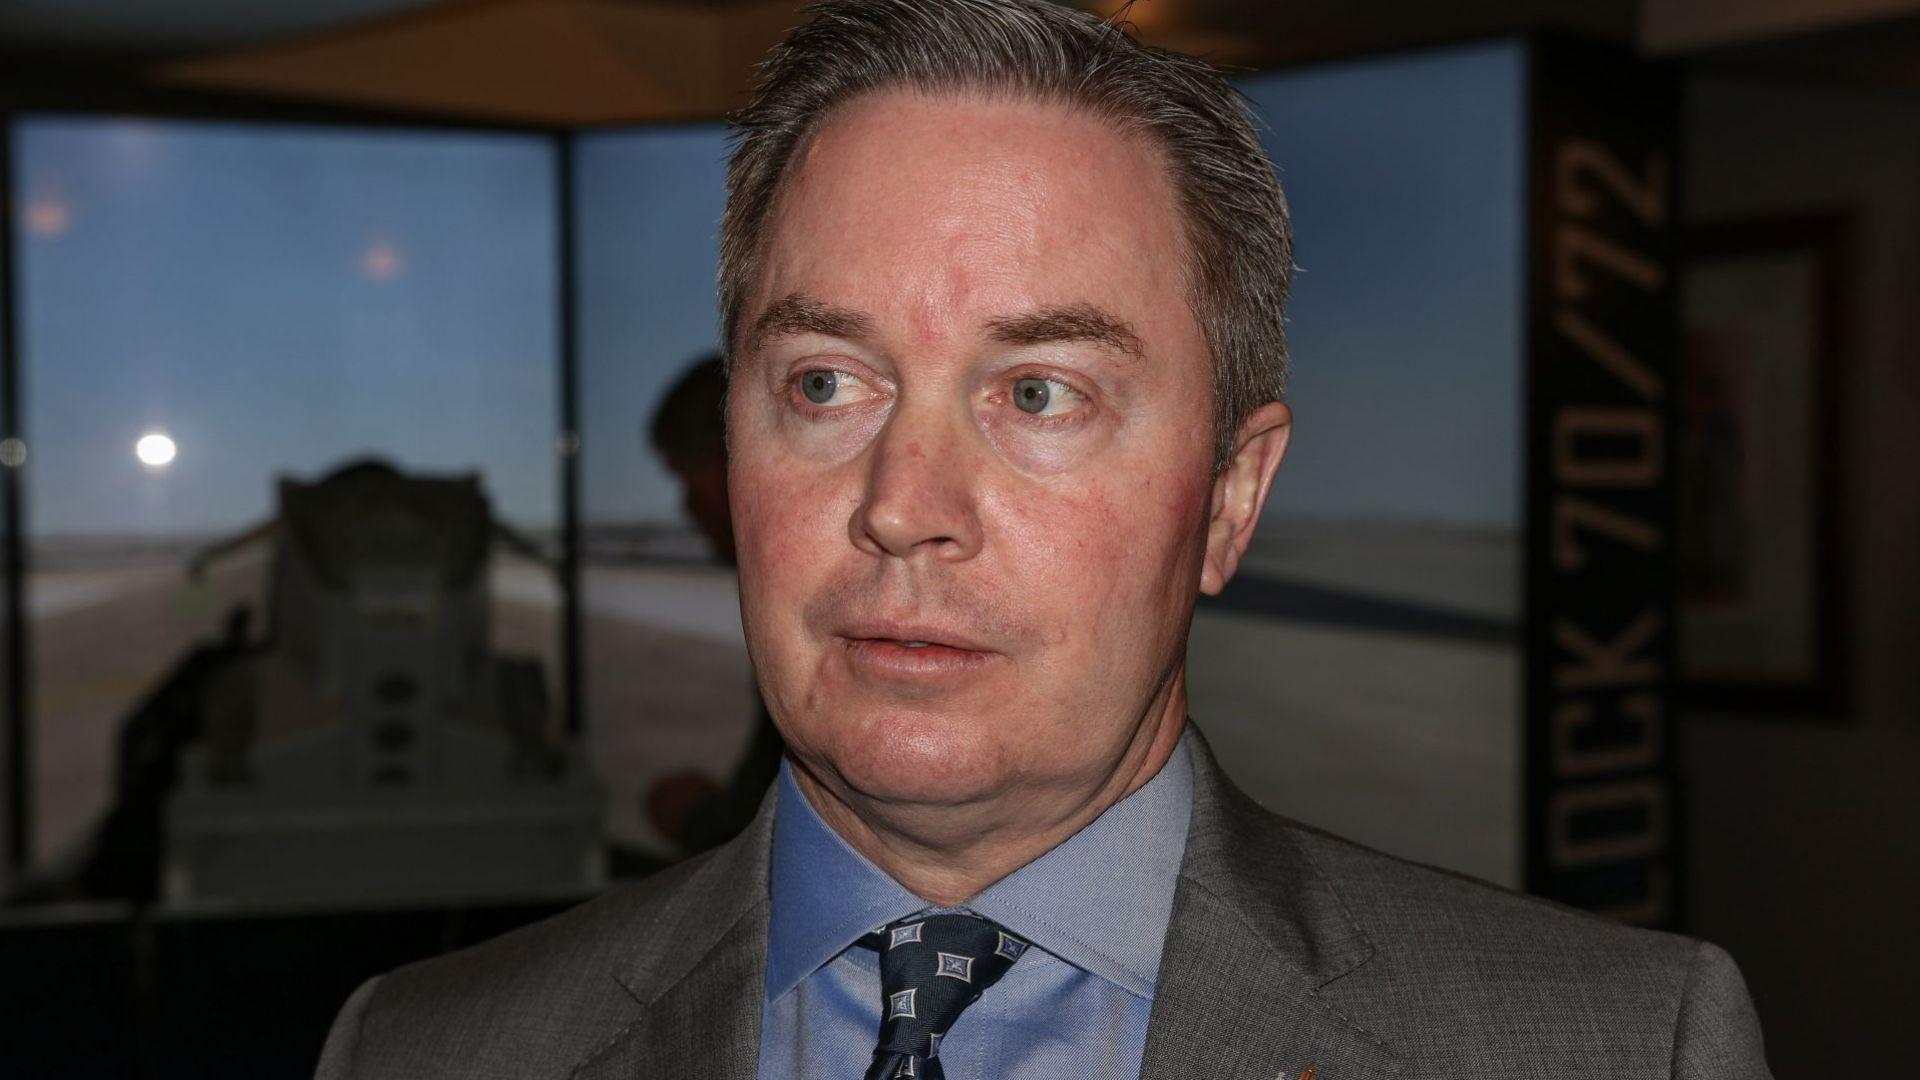 Очаква се договорът за Ф-16 да стане факт през лятото, казва Джеймс Робинсън